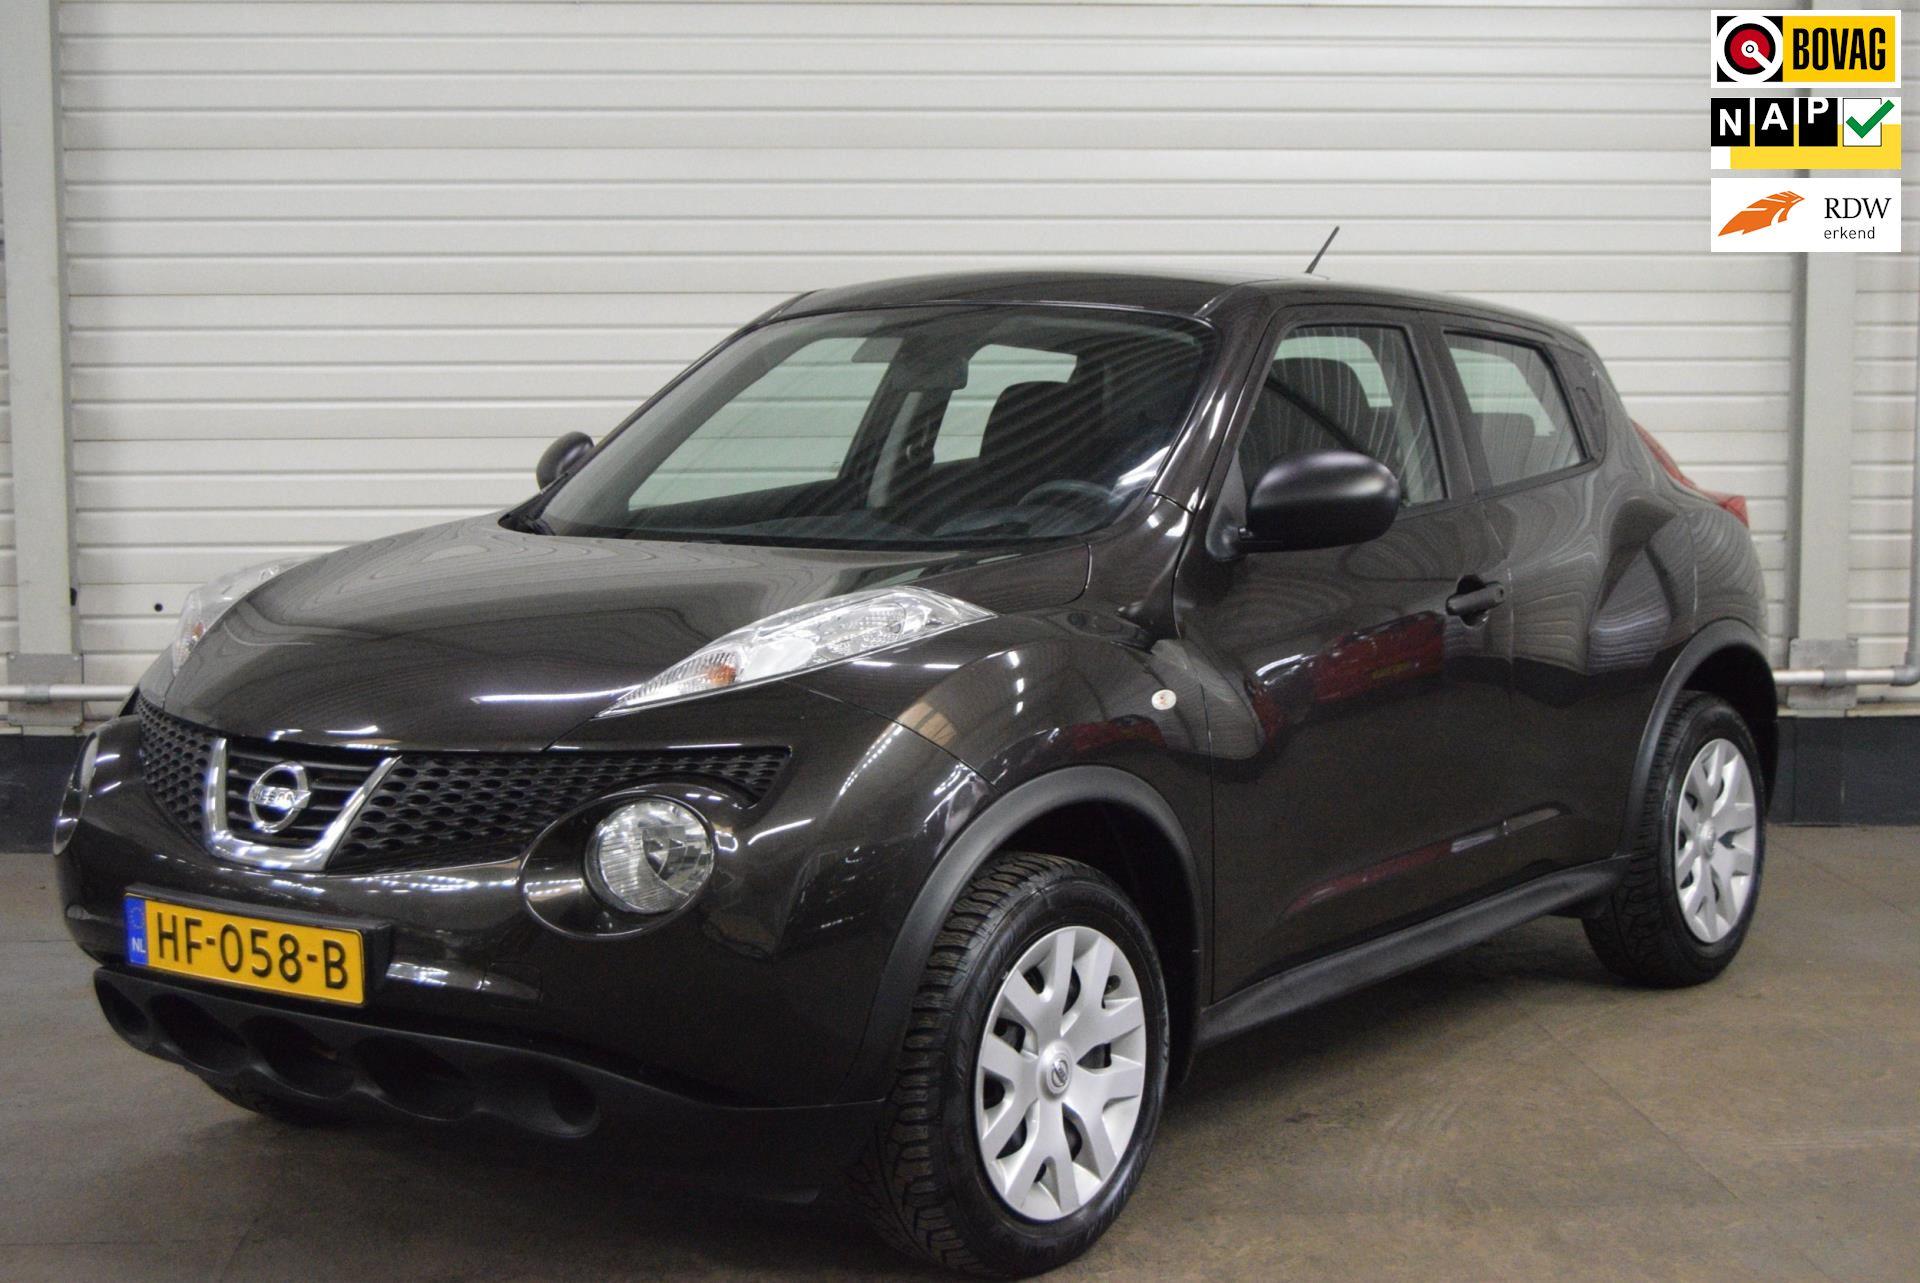 Nissan Juke occasion - Autobedrijf van de Werken bv